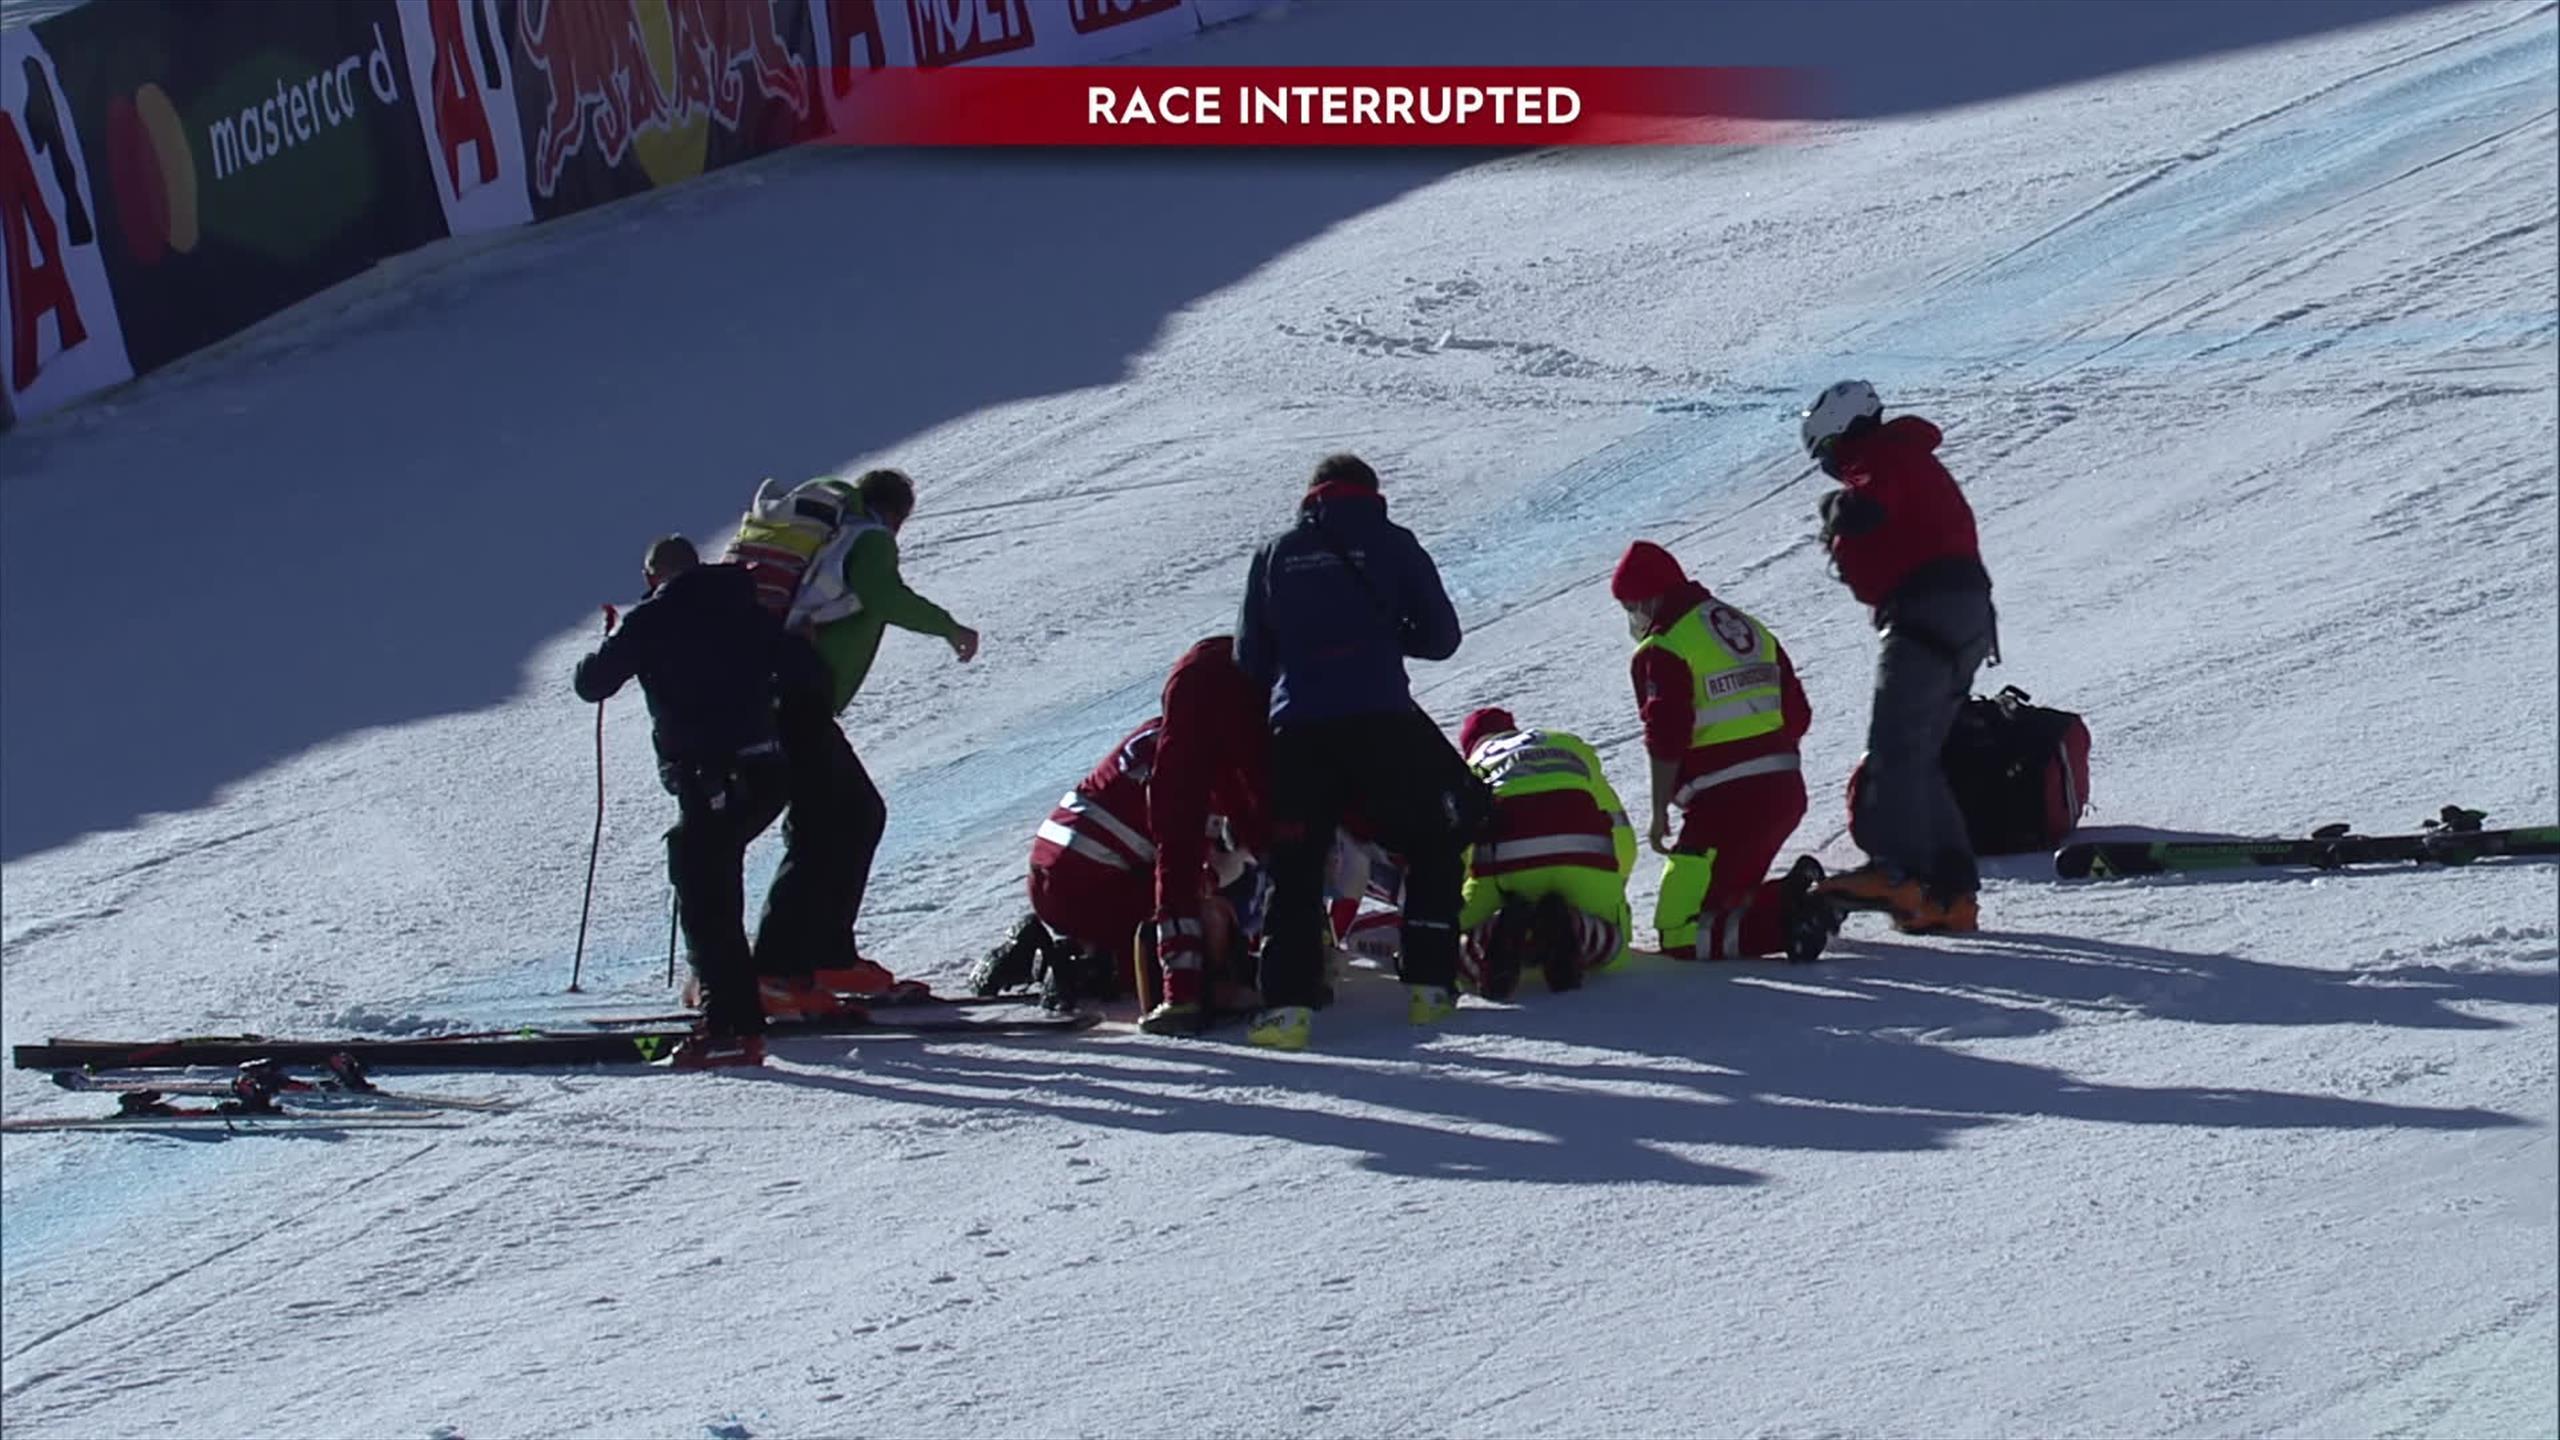 Лыжник финишировал, упав на шею. Его забрали с трассы на вертолете